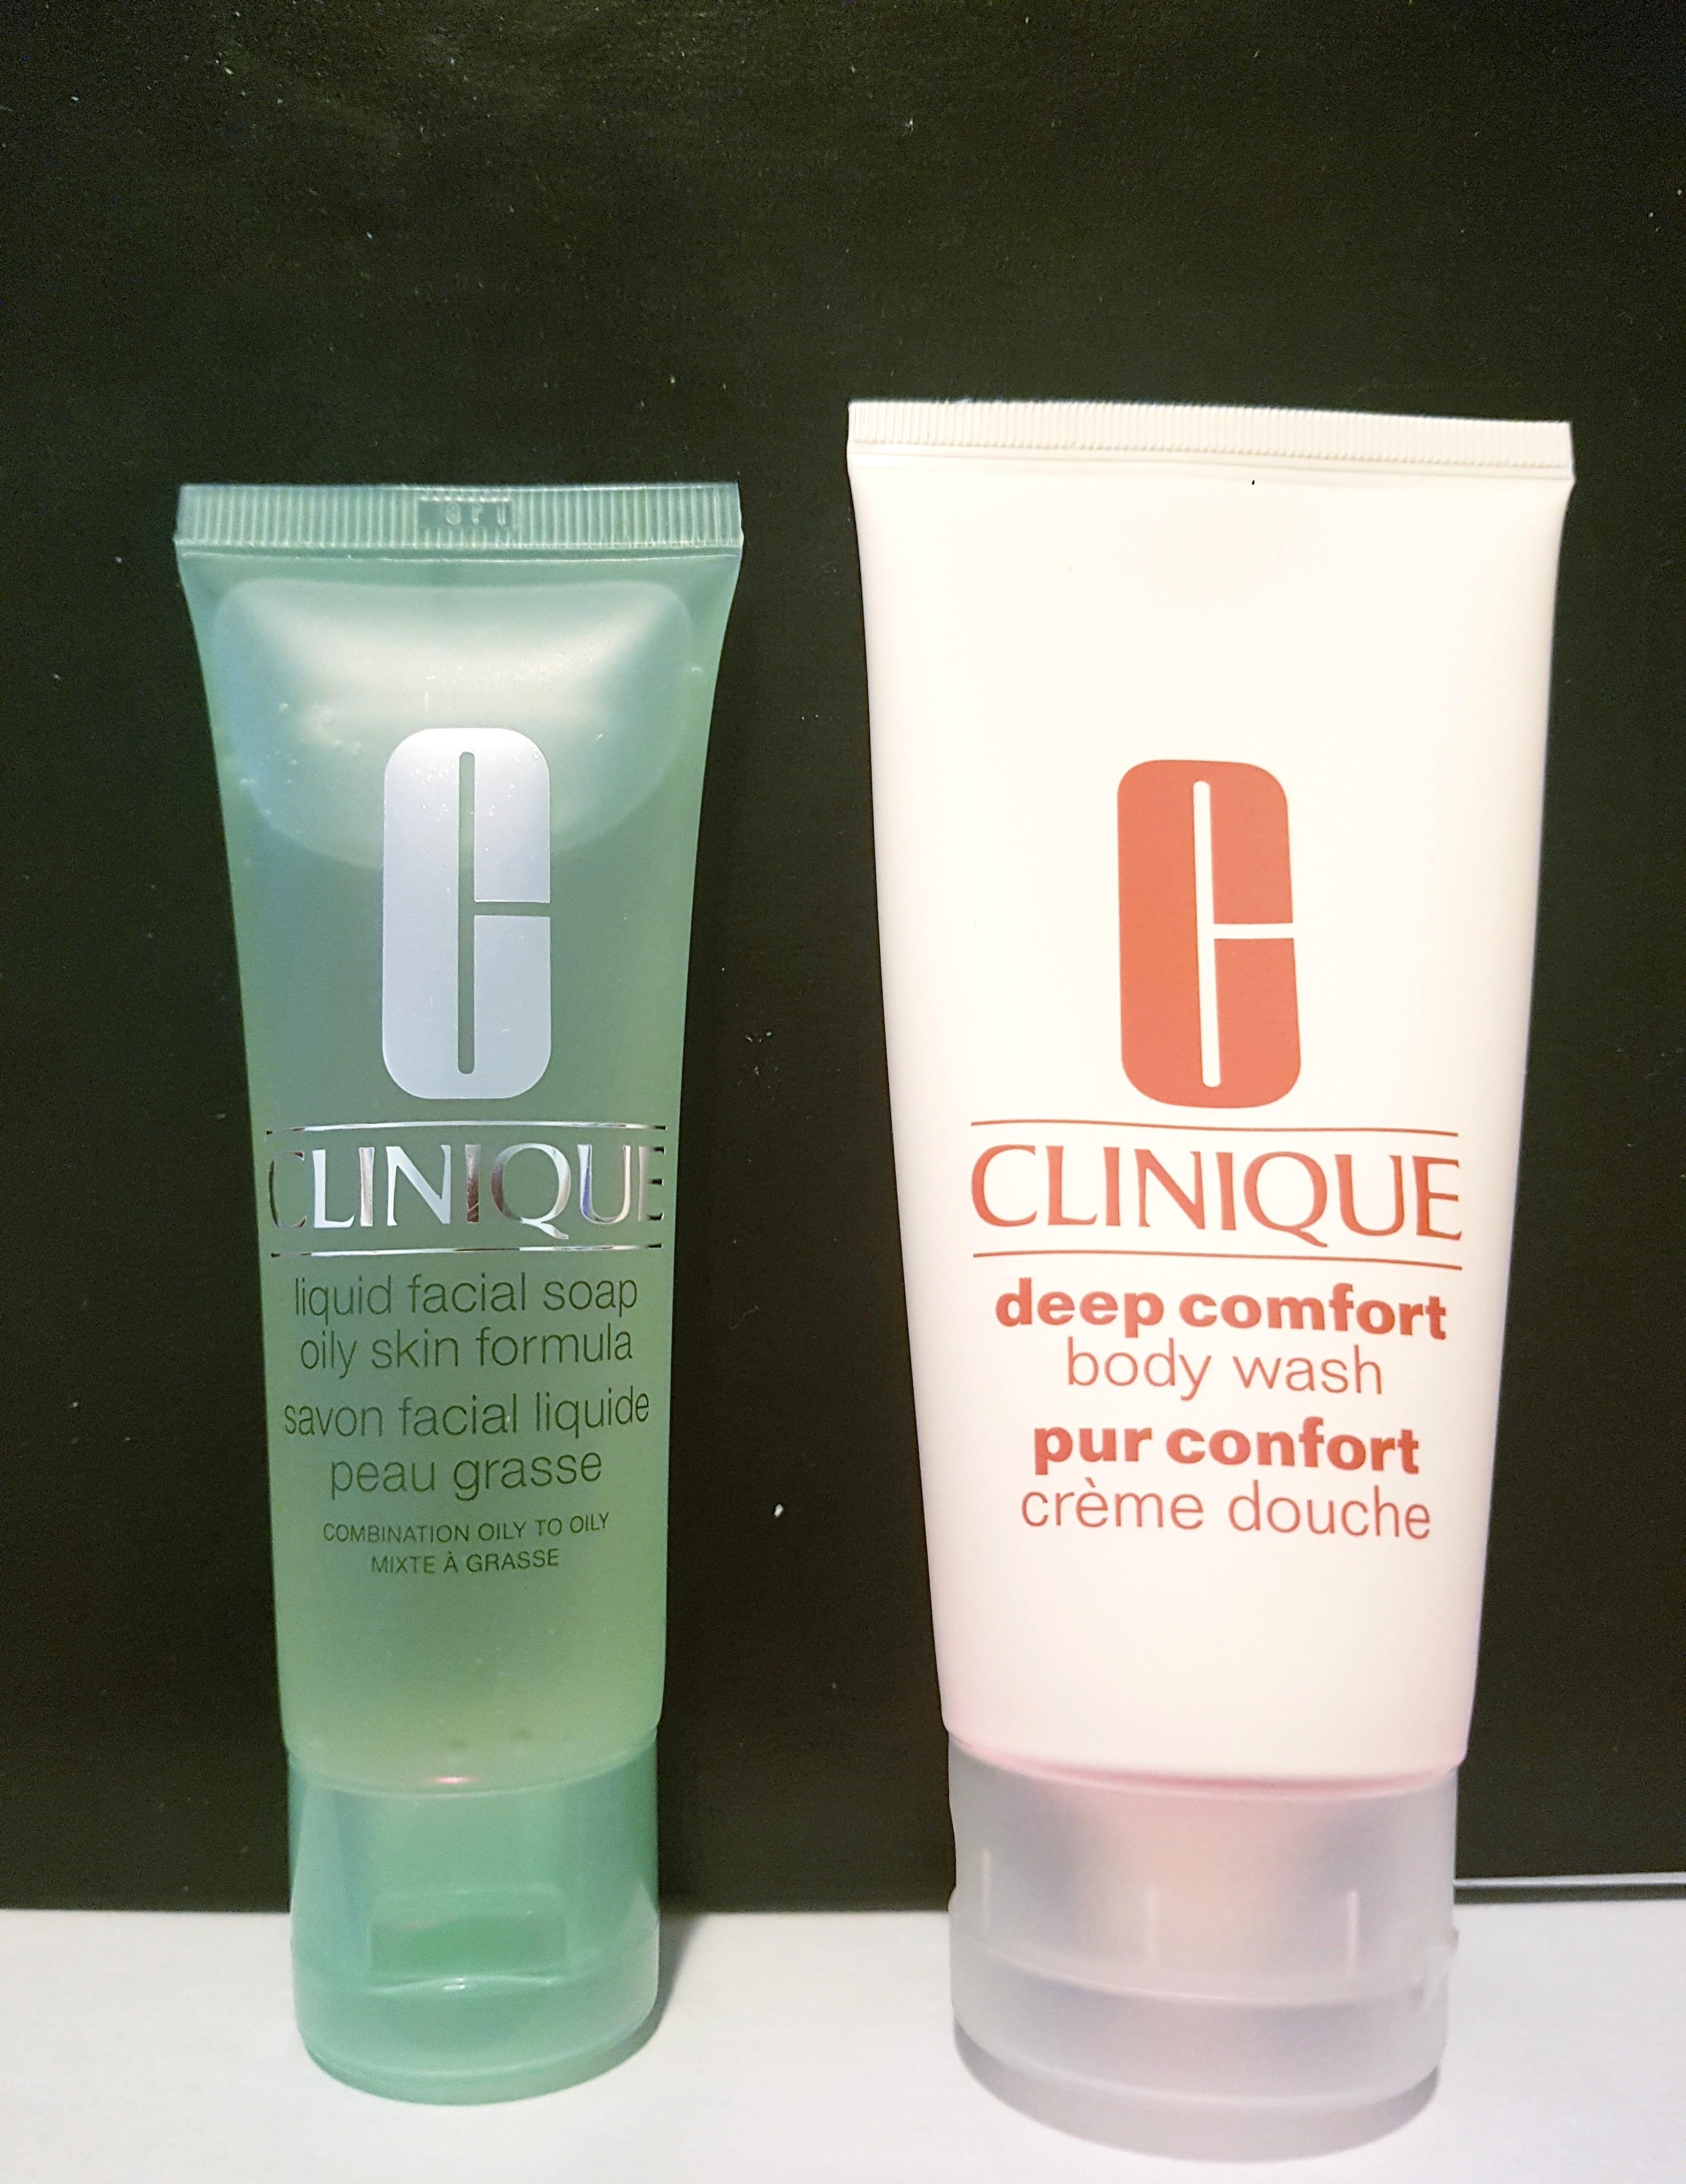 Clinique liquid facial soap + body wash